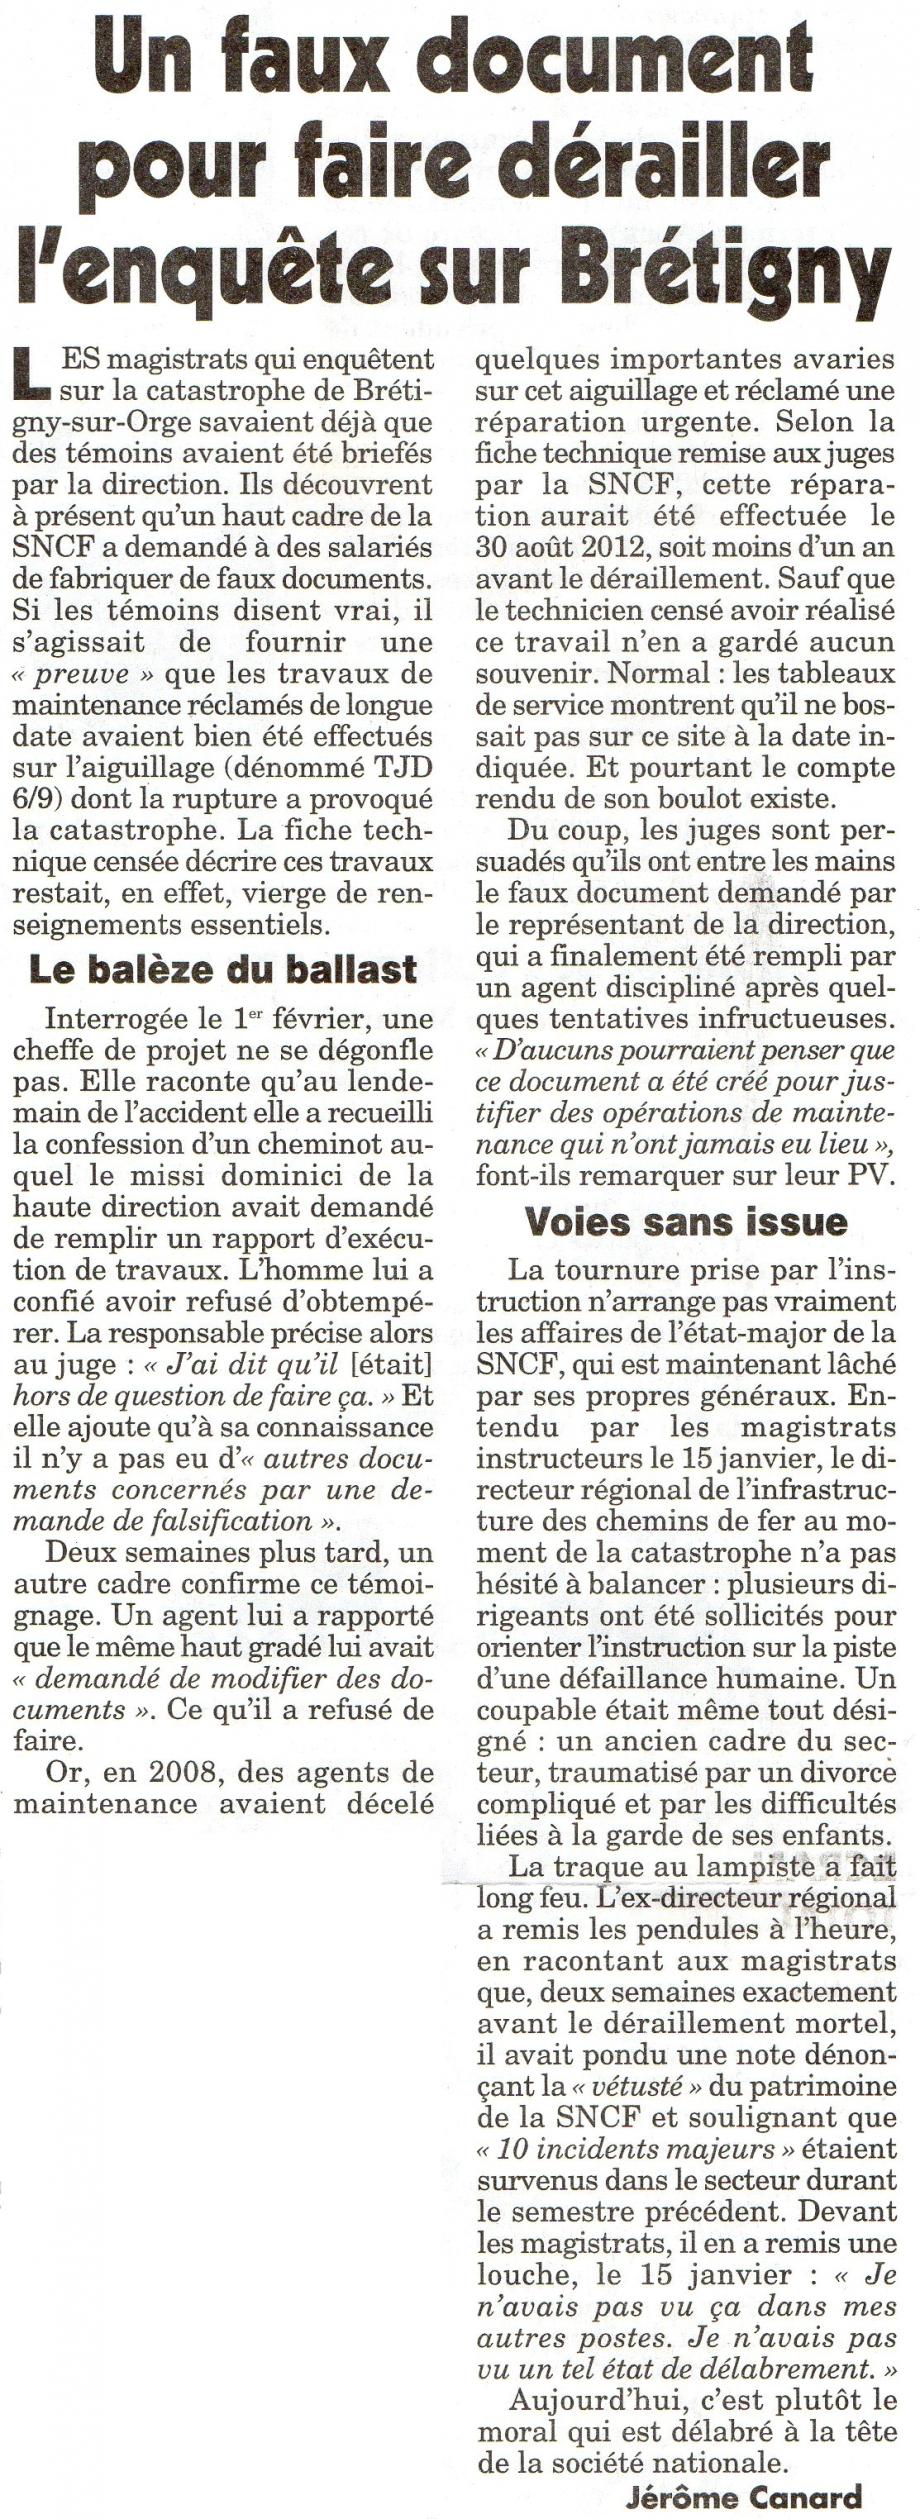 Un faux document pour faire dérailler l'enquête de Brétigny.jpg